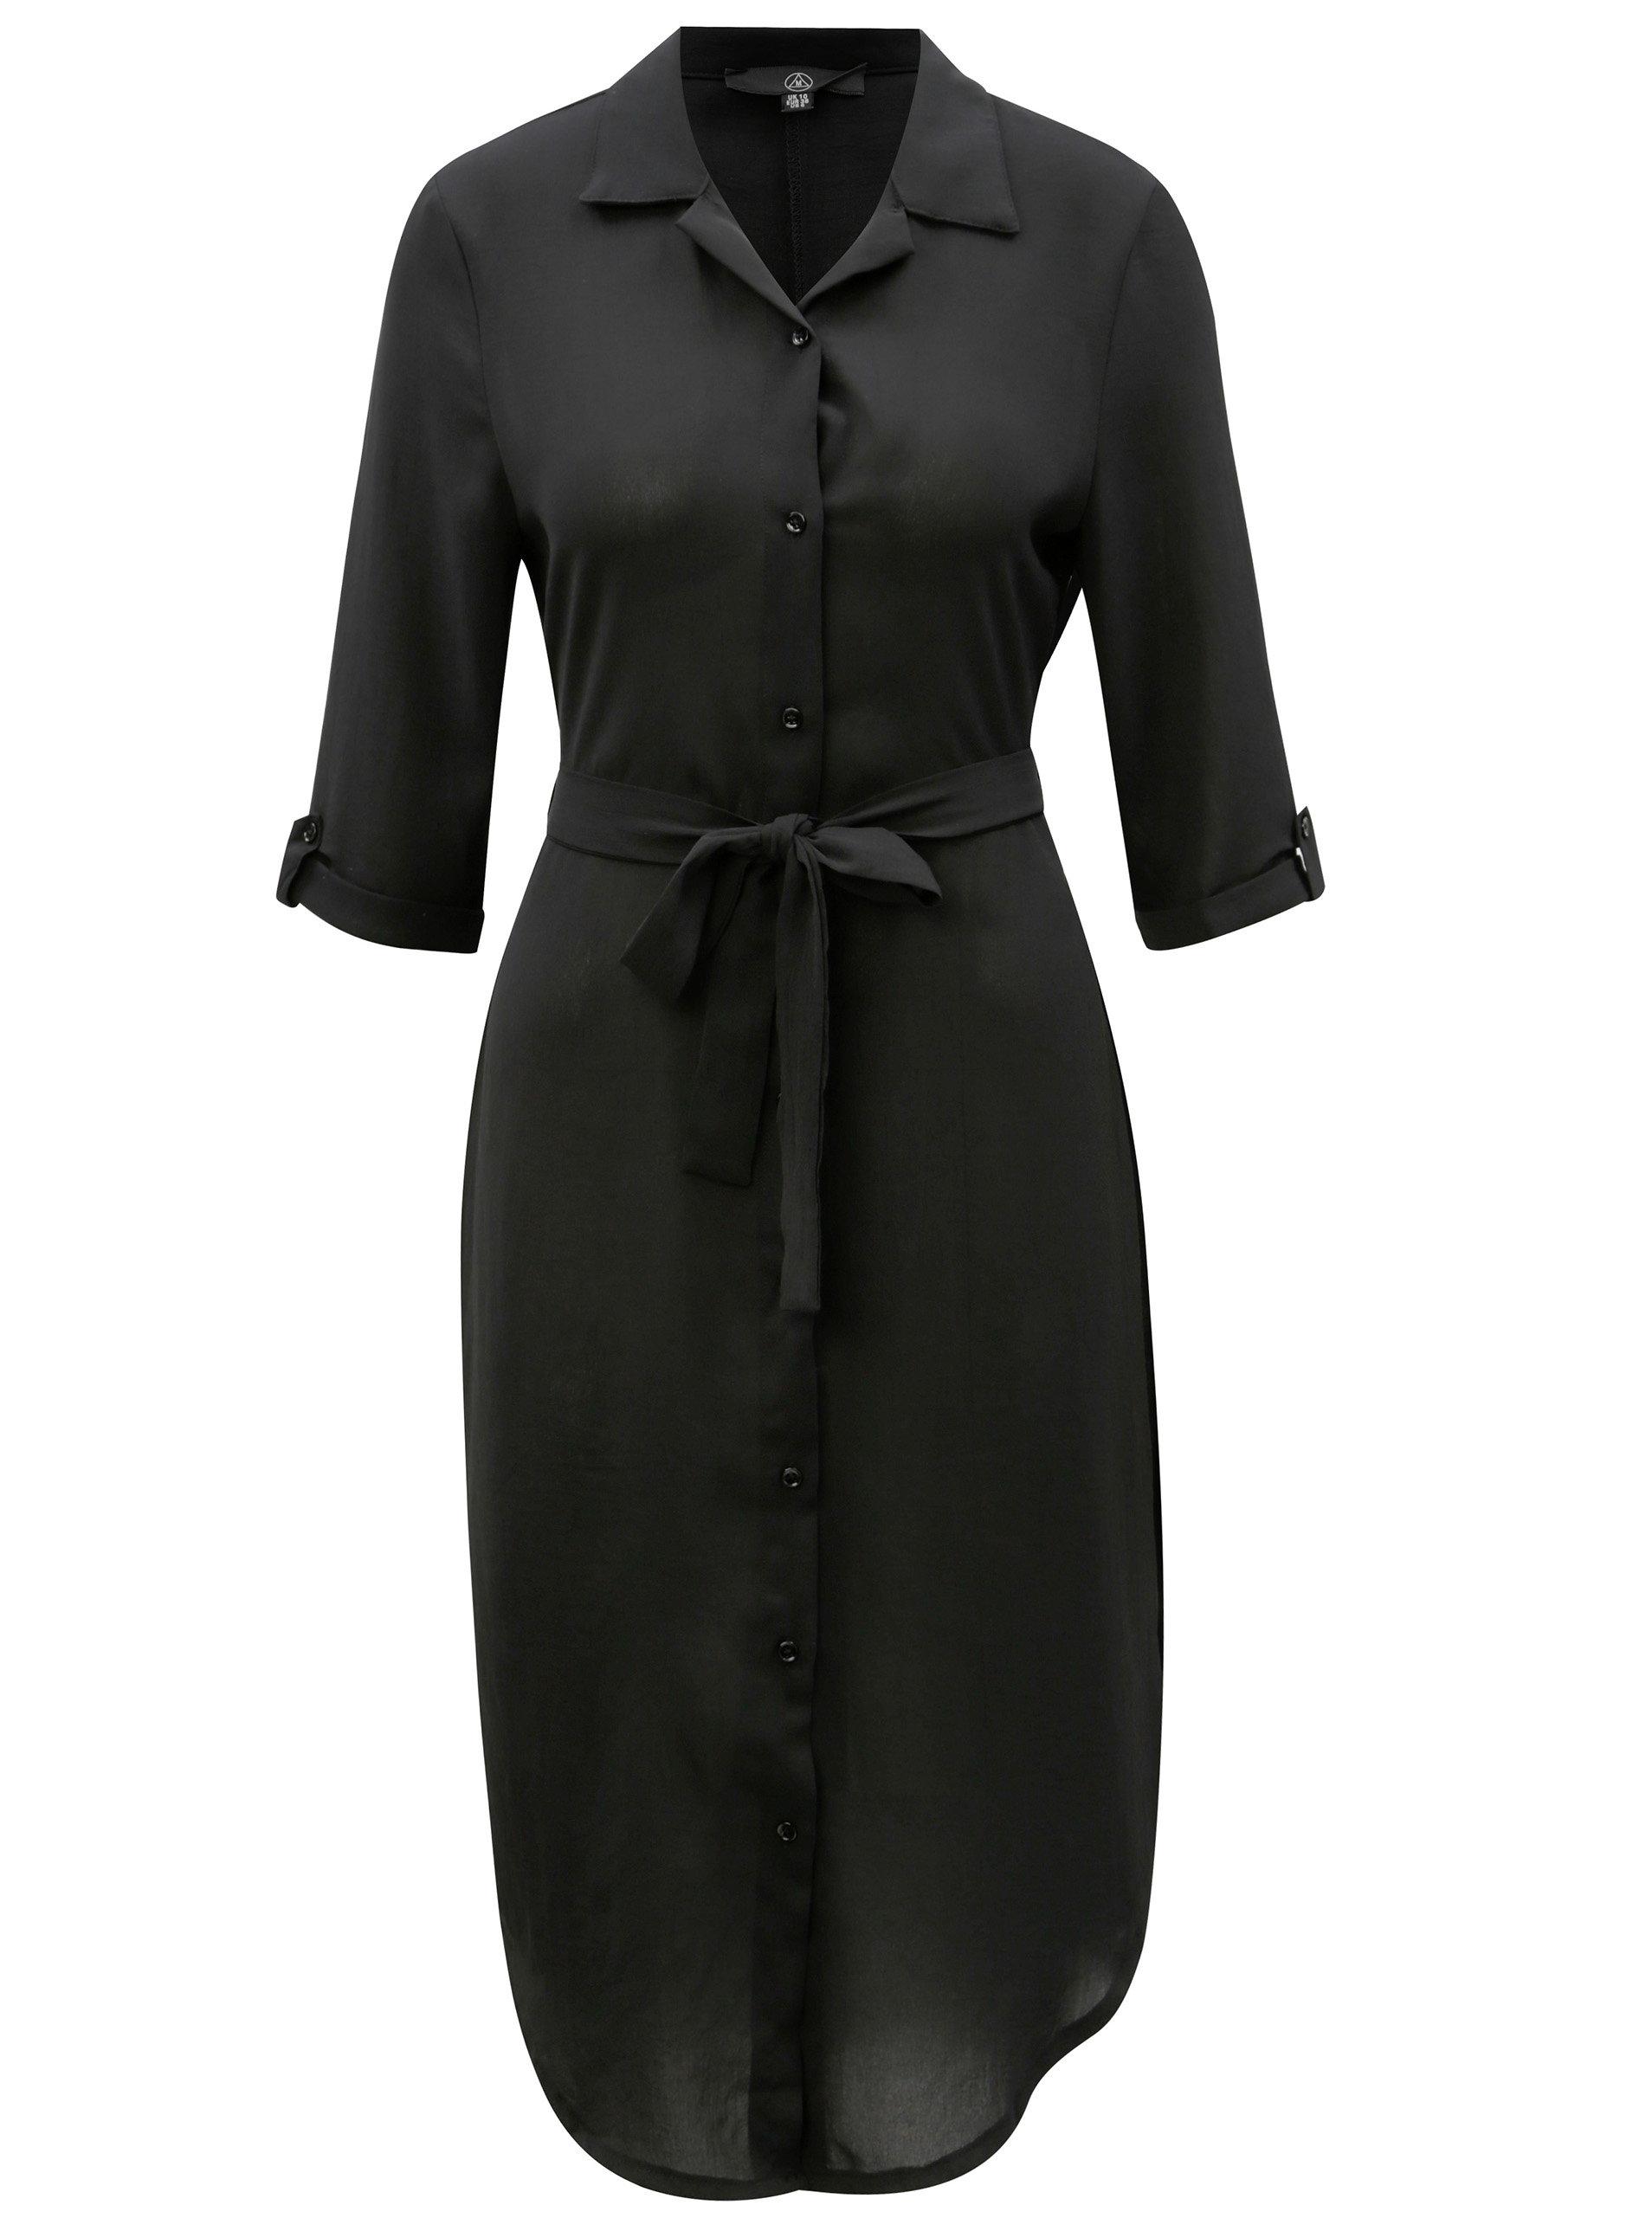 daa564e7797 Černé průsvitné košilové šaty s 3 4 rukávem MISSGUIDED ...